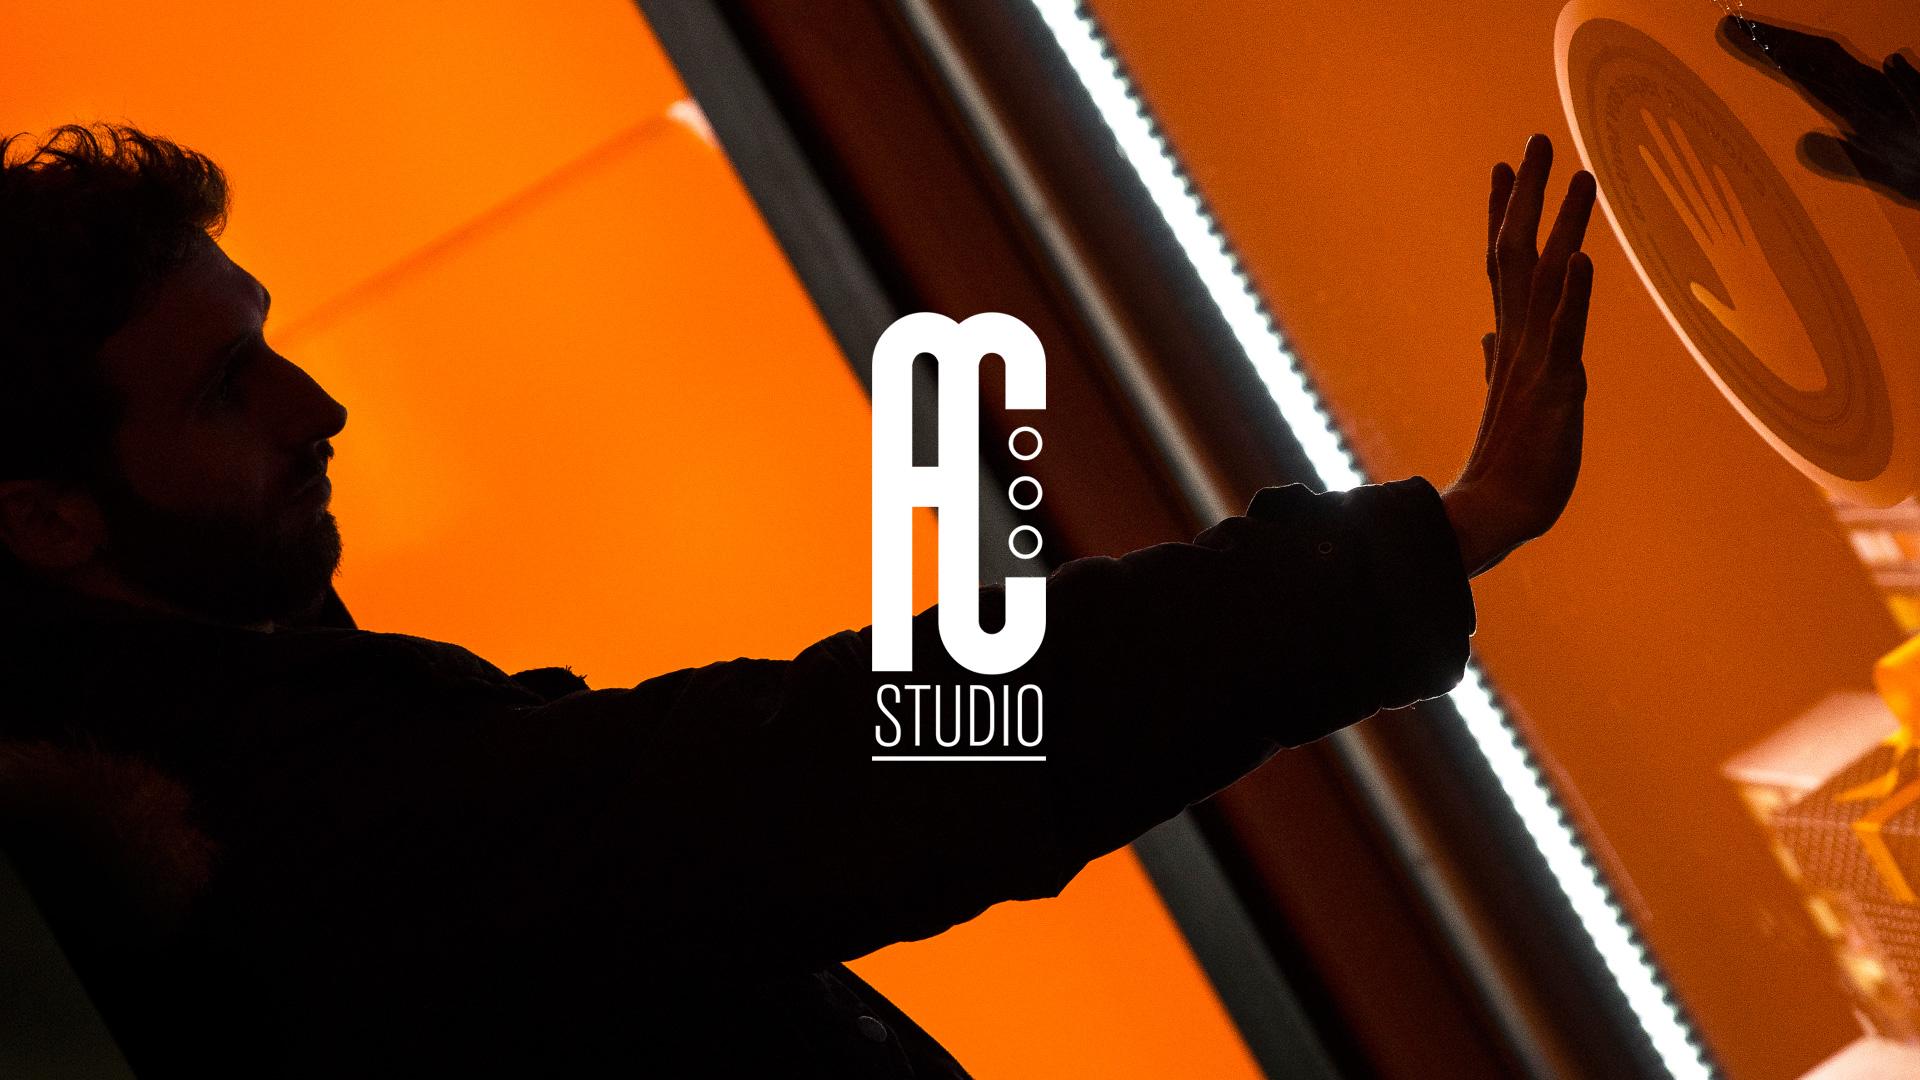 We are a multidisciplinary visual design studio based in Paris.